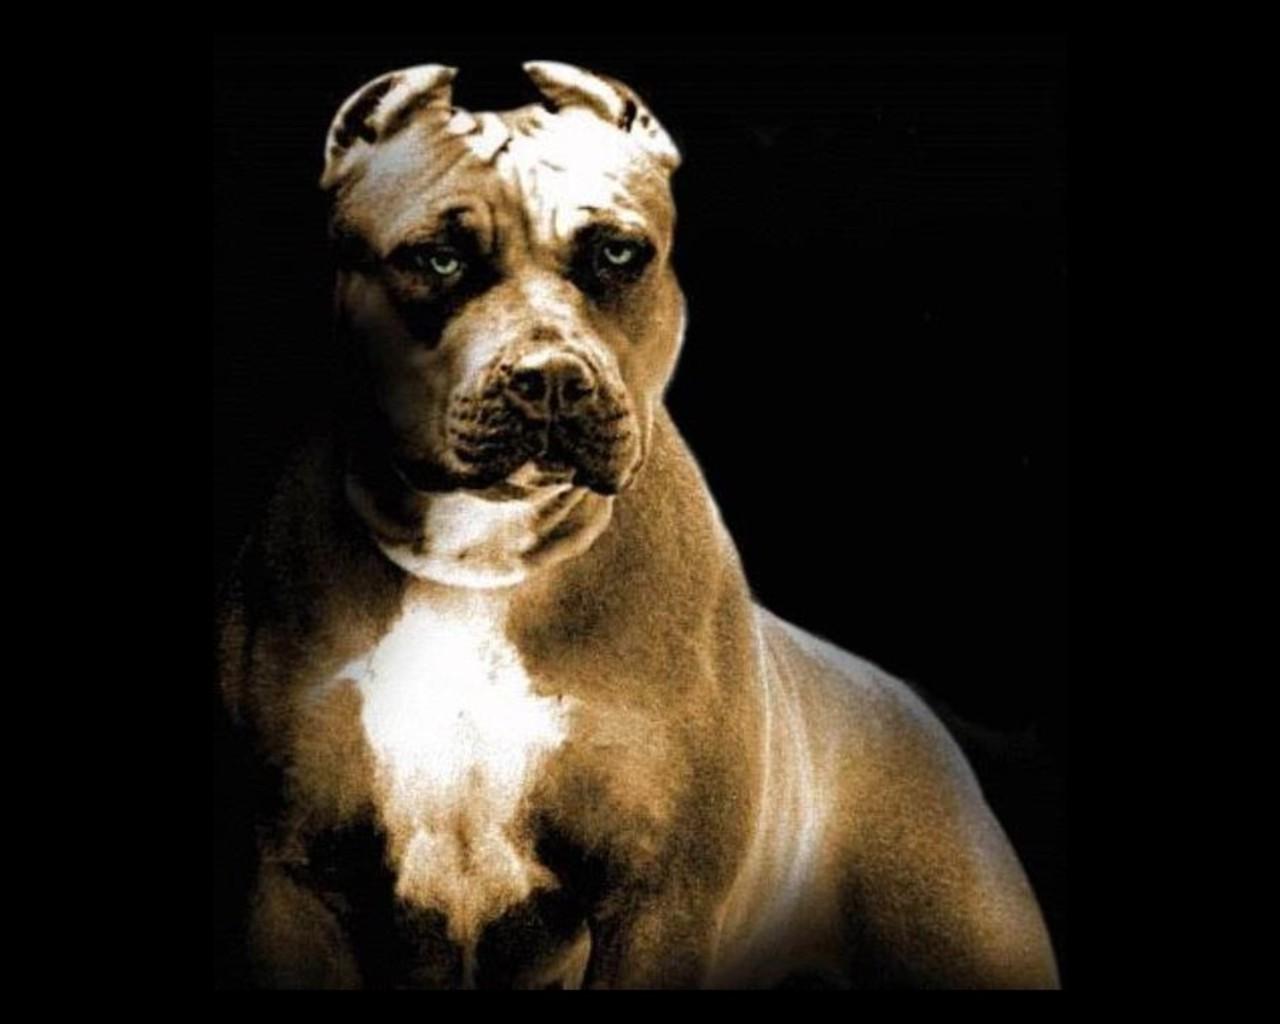 питбуль, фото, обои для рабочего стола, бойцовская собака